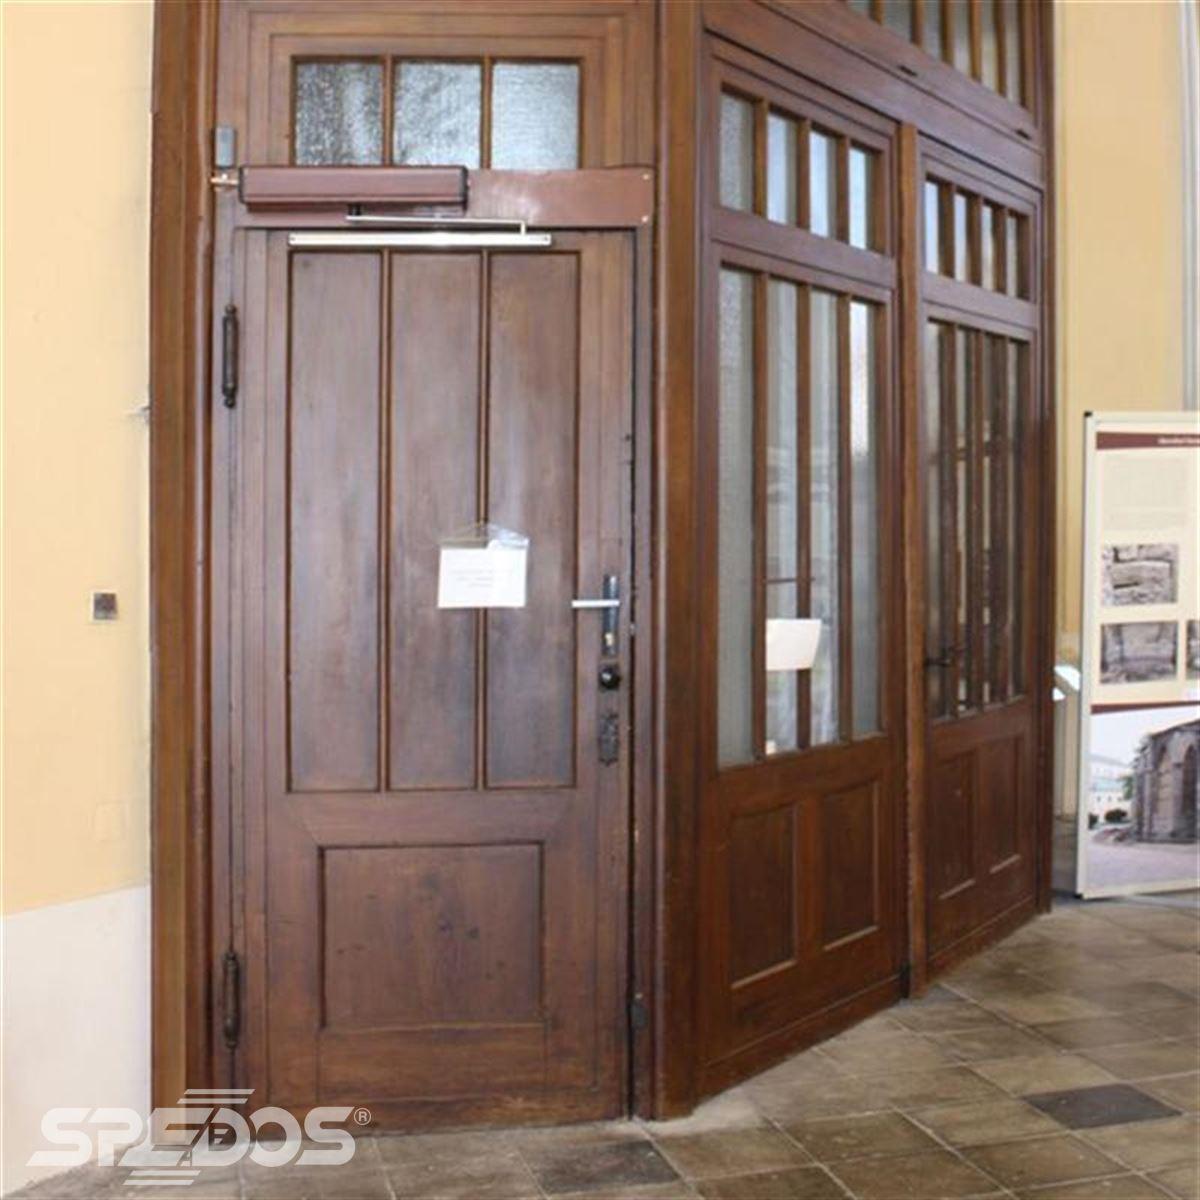 dřevěné dveře s elektrickým otočným pohonem